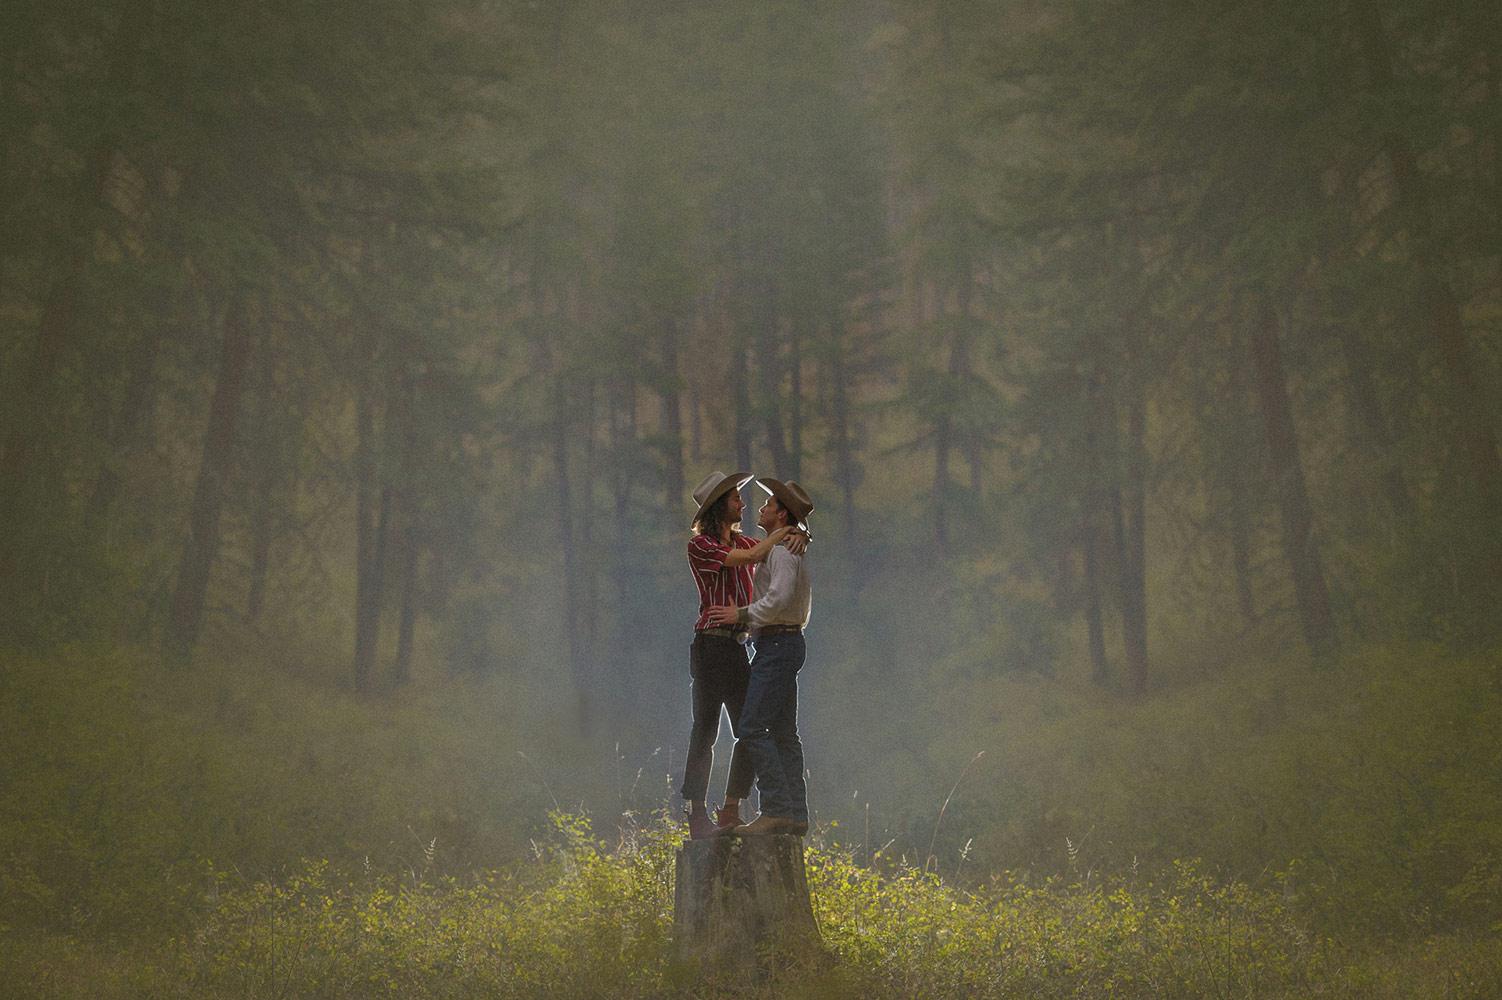 © Трейси Тейлор / Tracey Taylor, Первое место в категории «Портрет — Помолвка», Фотоконкурс WPPI Second Half Competition